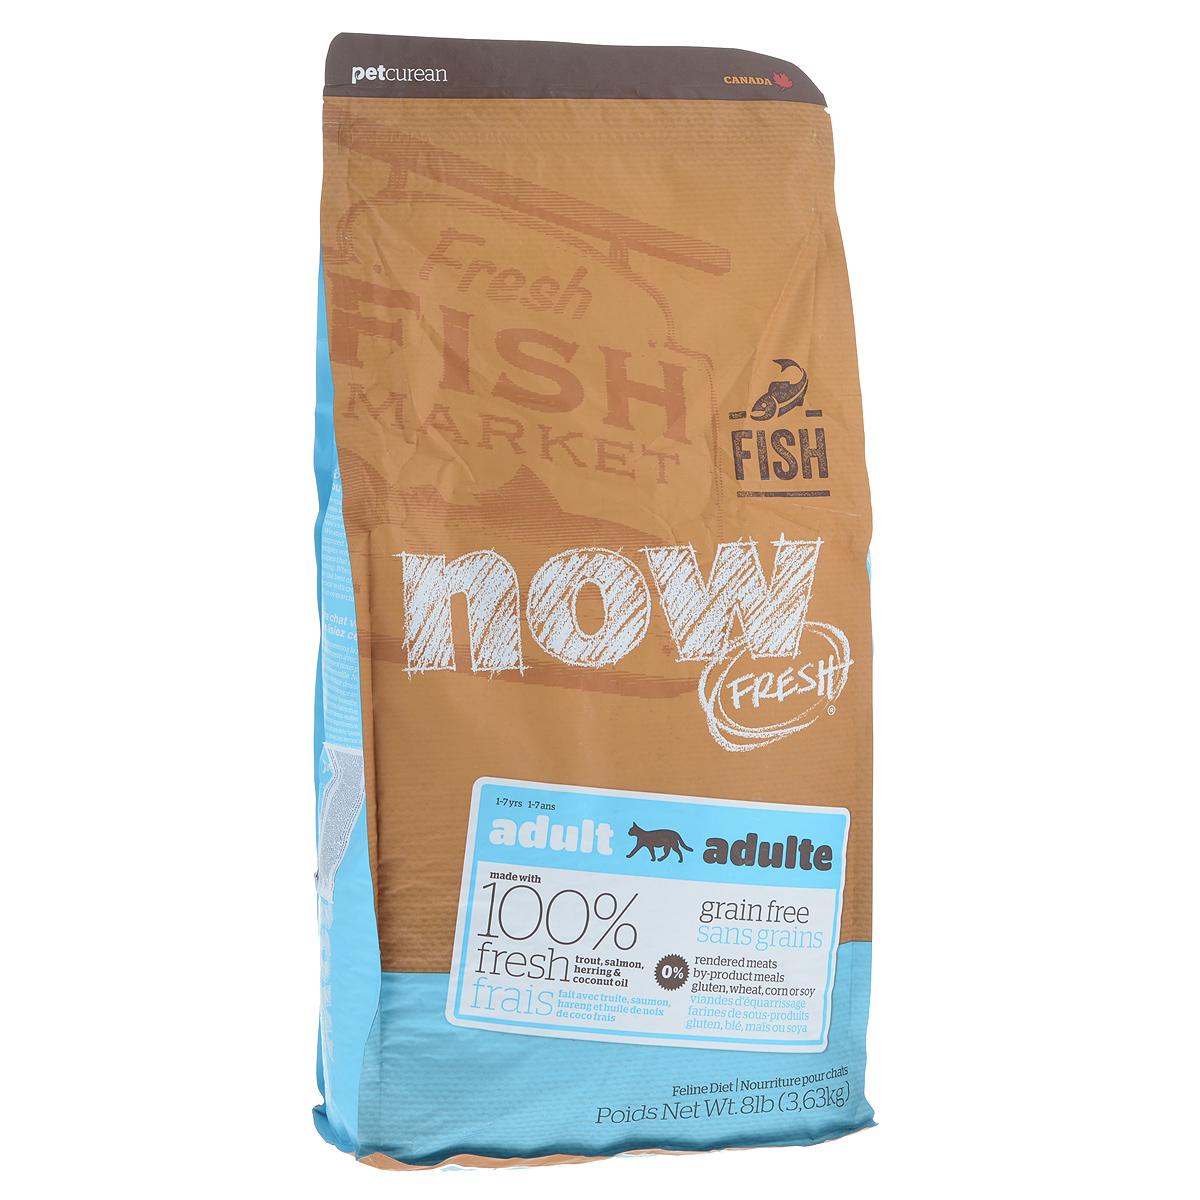 Корм сухой Now Fresh для взрослых кошек с чувствительным пищеварением, беззерновой, с форелью и лососем, 3,63 кг0120710Сухой корм Now Fresh для взрослых кошек изготовлен из 100% свежей форели, лосося, сельди, насыщен Омега 3 и 6, а так же маслами кокосового ореха и рапса. Идеально подходит для кошек с чувствительным пищеварением. Не содержит злаков, крахмала, пшеницы, говядины, кукурузы и сои. Состав: филе форели, филе лосося, филе сельди, горошек, картофель, горох волокна, целые сушеные яйца, помидоры, масло канолы (консервированный смесью токоферолов), льняное семя, натуральный ароматизатор, кокосовое масло (консервированный смесью токоферолов), утка, яблоки, морковь, тыква, бананы, черника, клюква, малина, ежевика, папайя, ананас, грейпфрут, чечевица бобы, брокколи, шпинат, творог, ростки люцерны, люцерна, карбонат кальция, фосфорная кислота, хлорид натрия, лецитин, хлорид калия, DL-метионин, таурин, витамины (витамин Е, L-аскорбил-2-полифосфатов (источник витамина С), ниацин, инозитол, витамин А, тиамин мононитрат, пантотенат d-кальция, пиридоксина гидрохлорид, рибофлавин, бета-каротин, витамин D3, фолиевая кислота, биотин, витамин В12 добавки), минералы (протеинат цинка, сульфат железа, оксид цинка, железа протеинат, сульфат меди, медь протеинат, марганца протеинат, оксид марганца, йодат кальция, селенит натрия), дегедрированный бурые водоросли, L-лизин, сушеный корень цикория, дегедрированный Lactobacillus ацидофилин продукт брожения, дегедрированный Enterococcus faecium продукт брожения, дегедрированный Aspergillus Нигер продукт брожения, дегедрированный Aspergillus Oryzae продукт брожения, экстракт юкки Шидигера, L-карнитин, календула, розмарин. Гарантированный анализ: белки (min) - 30%, жиры (min) - 19%, клетчатка (max) - 2,5%, влажность (max) - 10%, зола (max) - 6%, фосфор - 0,5%, магний - 0,09%, таурин - 2400мг/кг, жирные кислоты Омега 6 (min) - 2,2%, жирные кислоты Омега-3 (min) - 0,4%, лактобактерии (Lactobacillus acidophilus, Enterococcus faecium) - 90